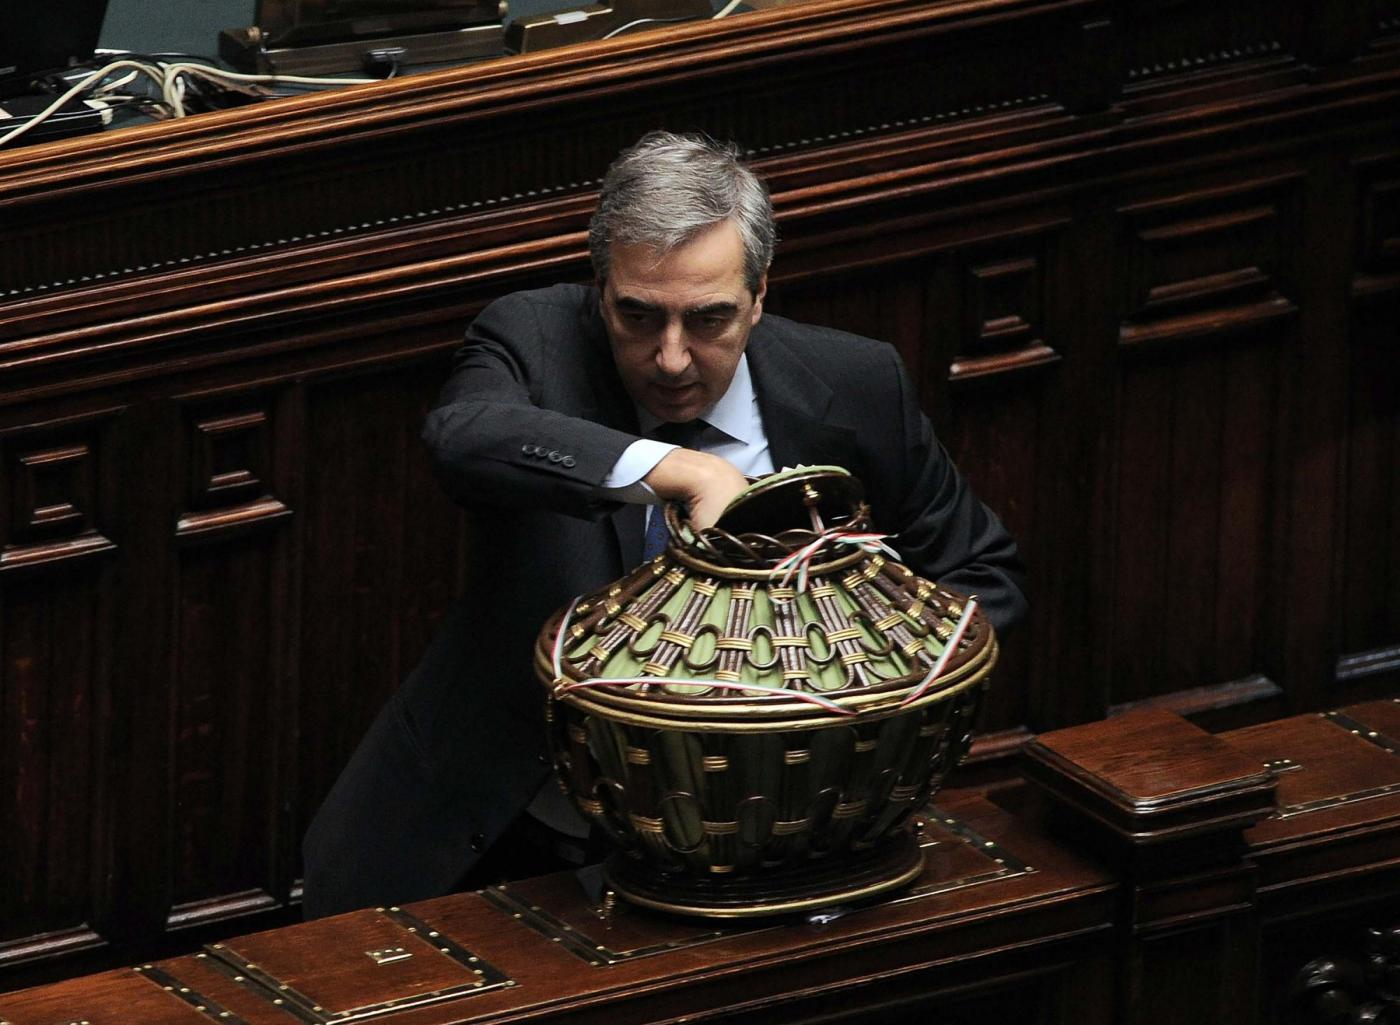 Foto di Fabio Cimaglia da archivio LaPresse